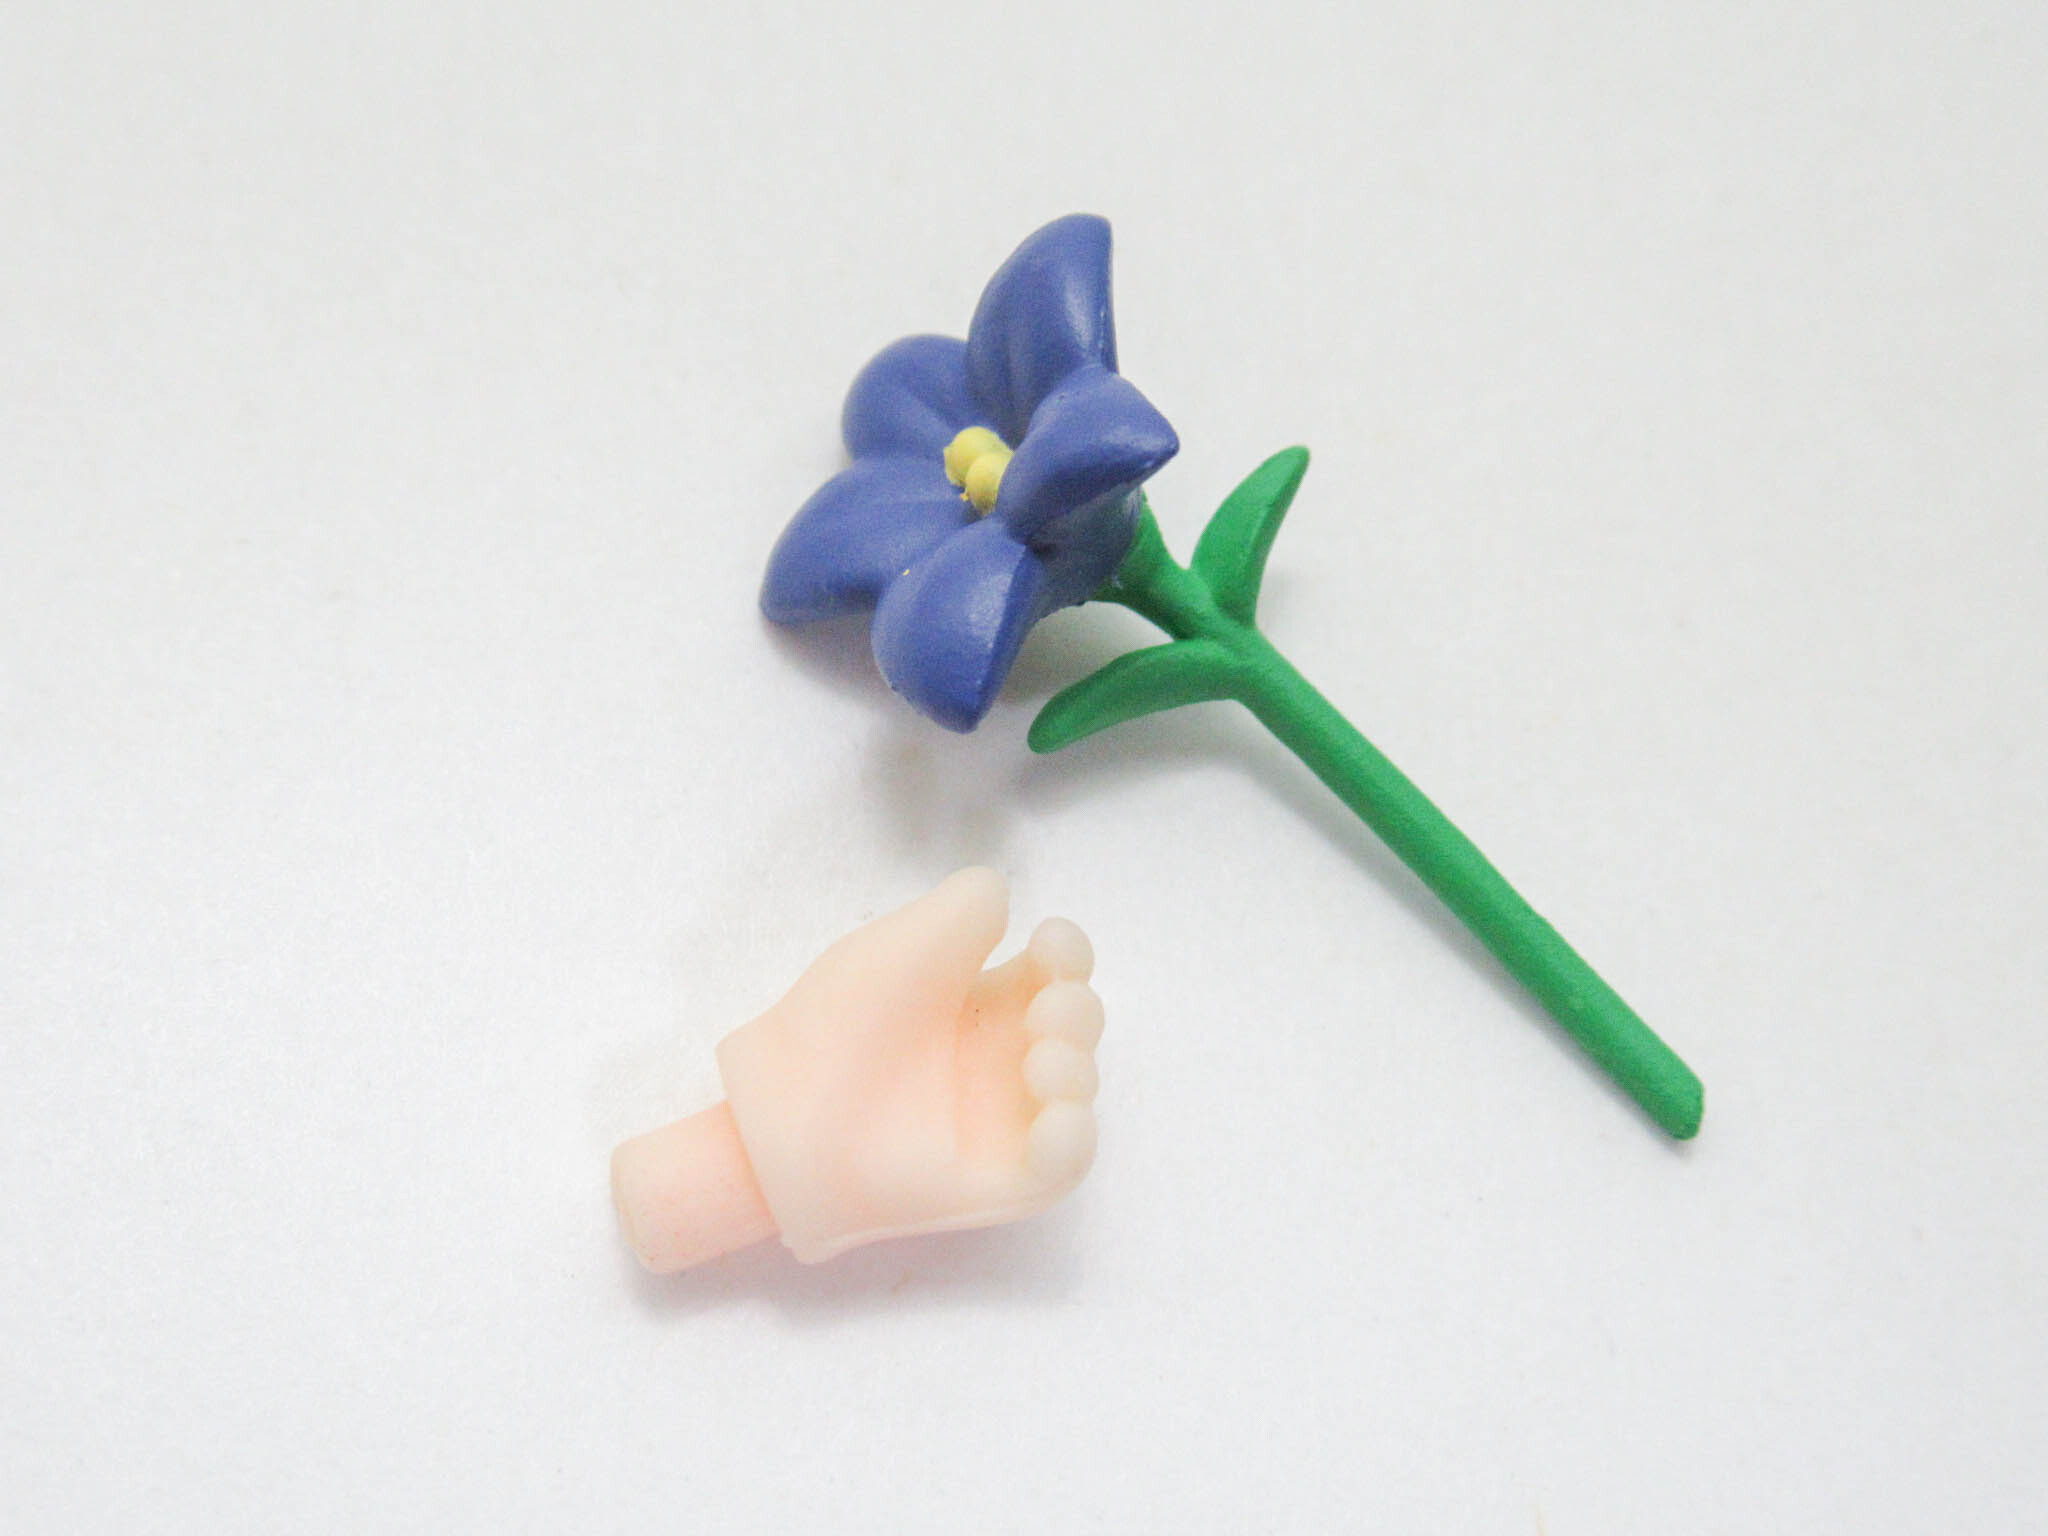 【SALE】【1427】 初音ミク 冬木小袖Ver. 小物パーツ お花 ねんどろいど